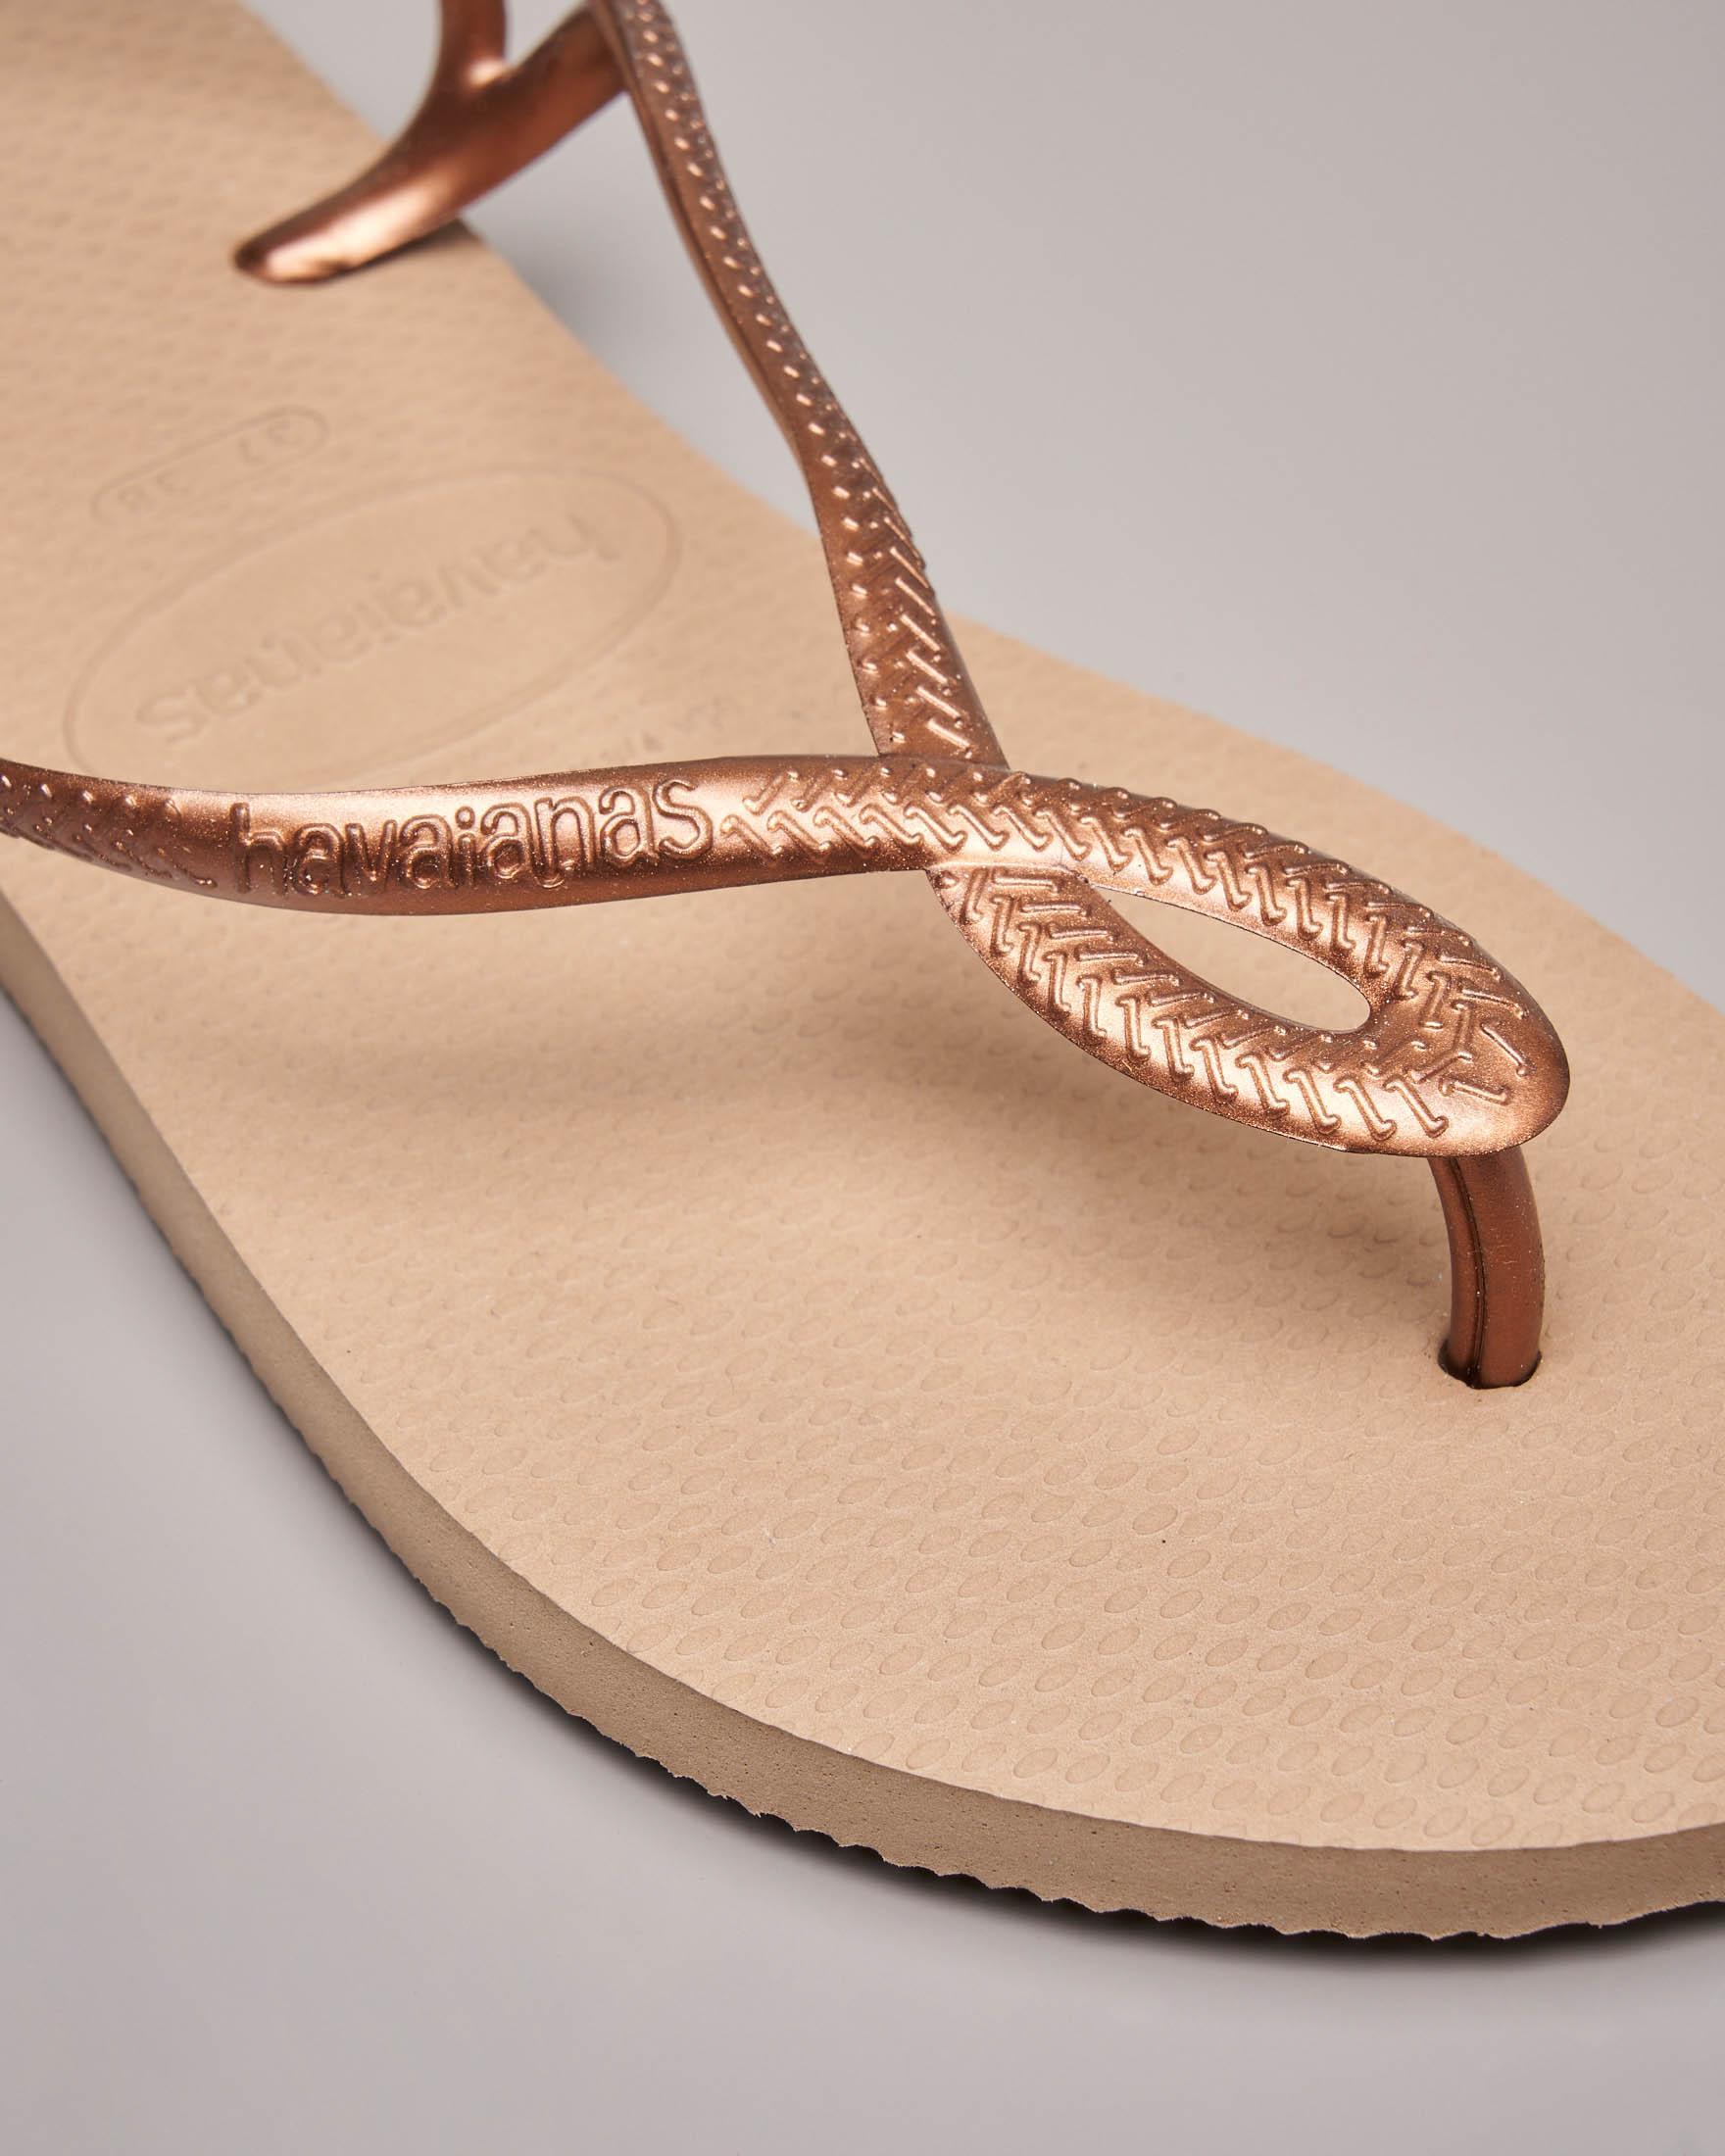 Havaians Luna color bronz con fascetta intrecciata alla caviglia